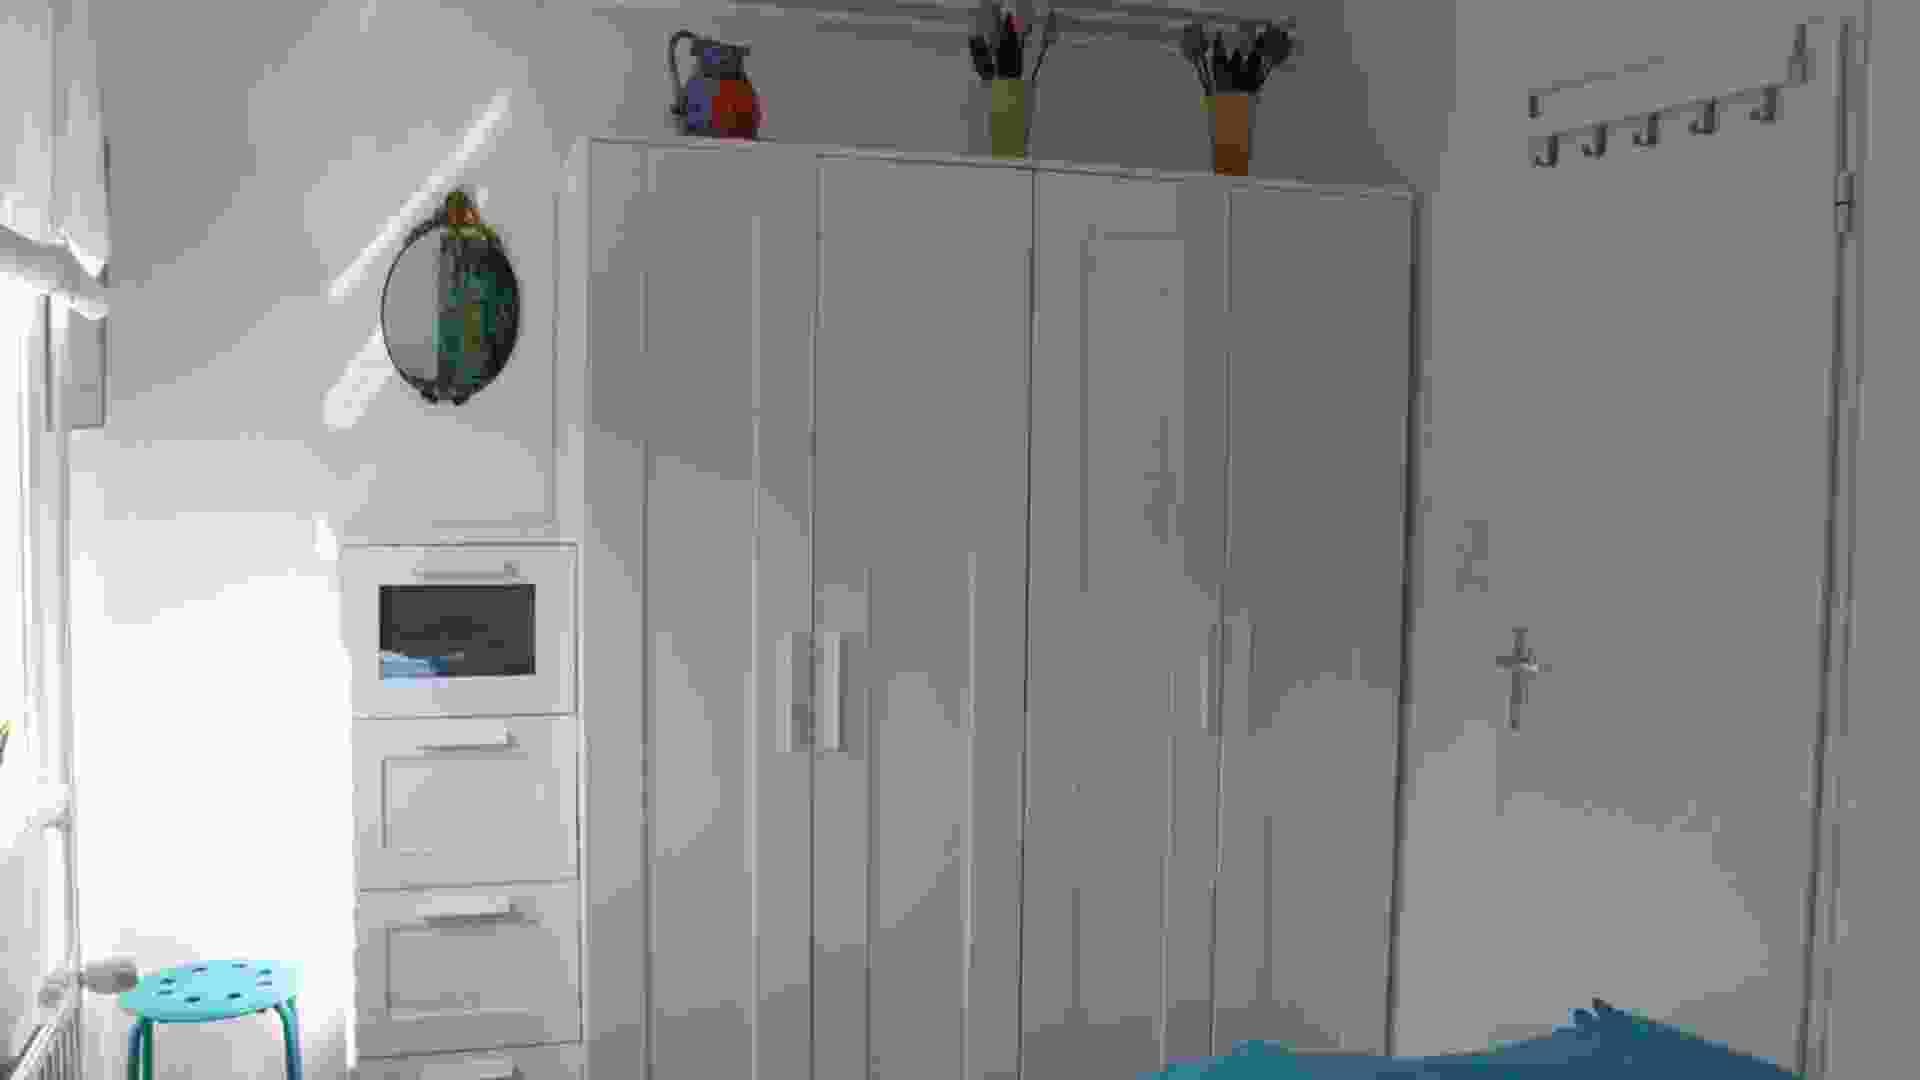 Foto 10, slaapkamer met kasten